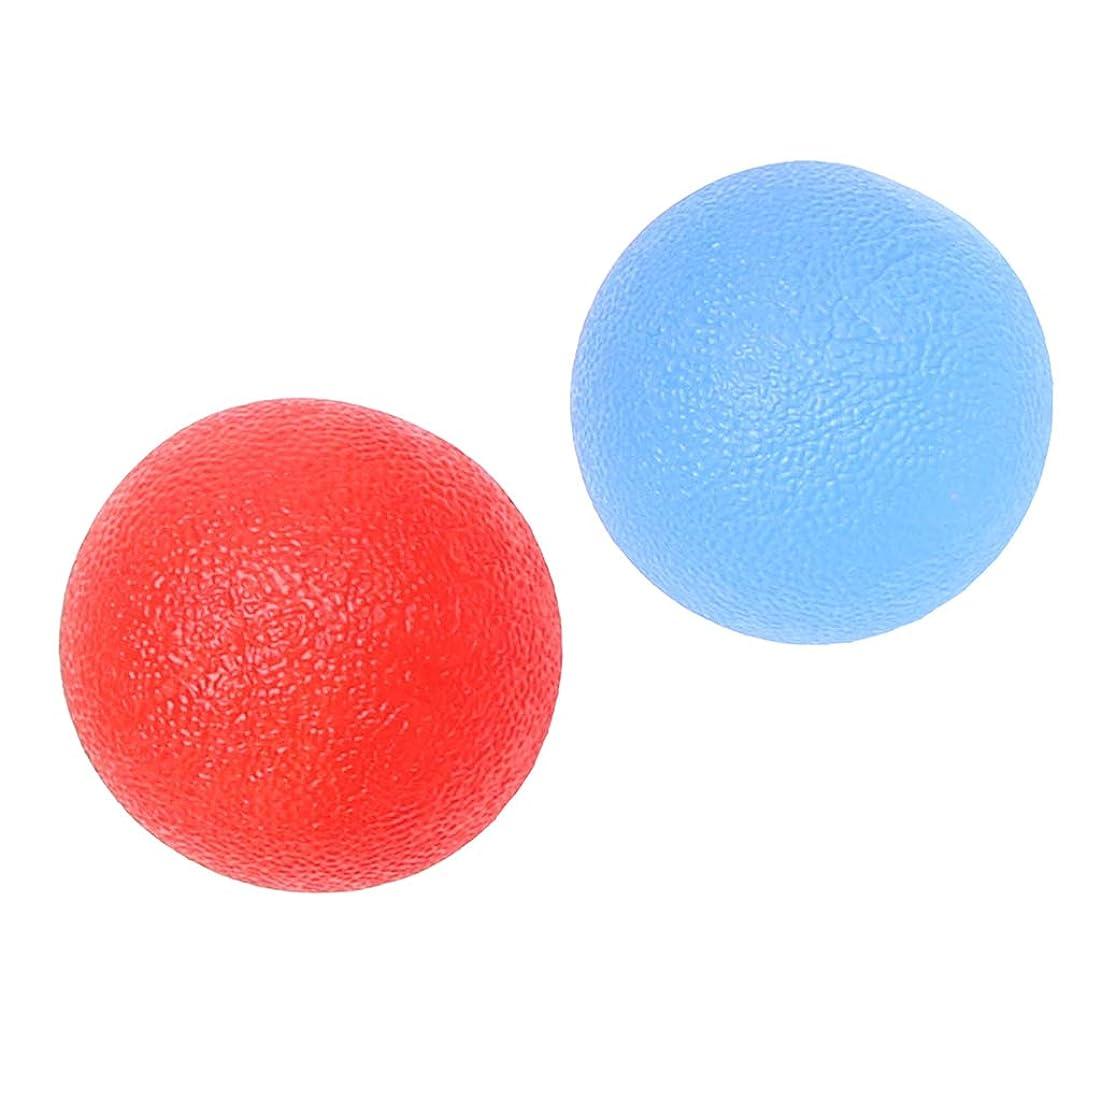 浮く扇動する書誌FLAMEER 2個 ハンドエクササイズボール ハンドグリップ シリコン 指トレーニング ストレス緩和 柔軟 赤/青